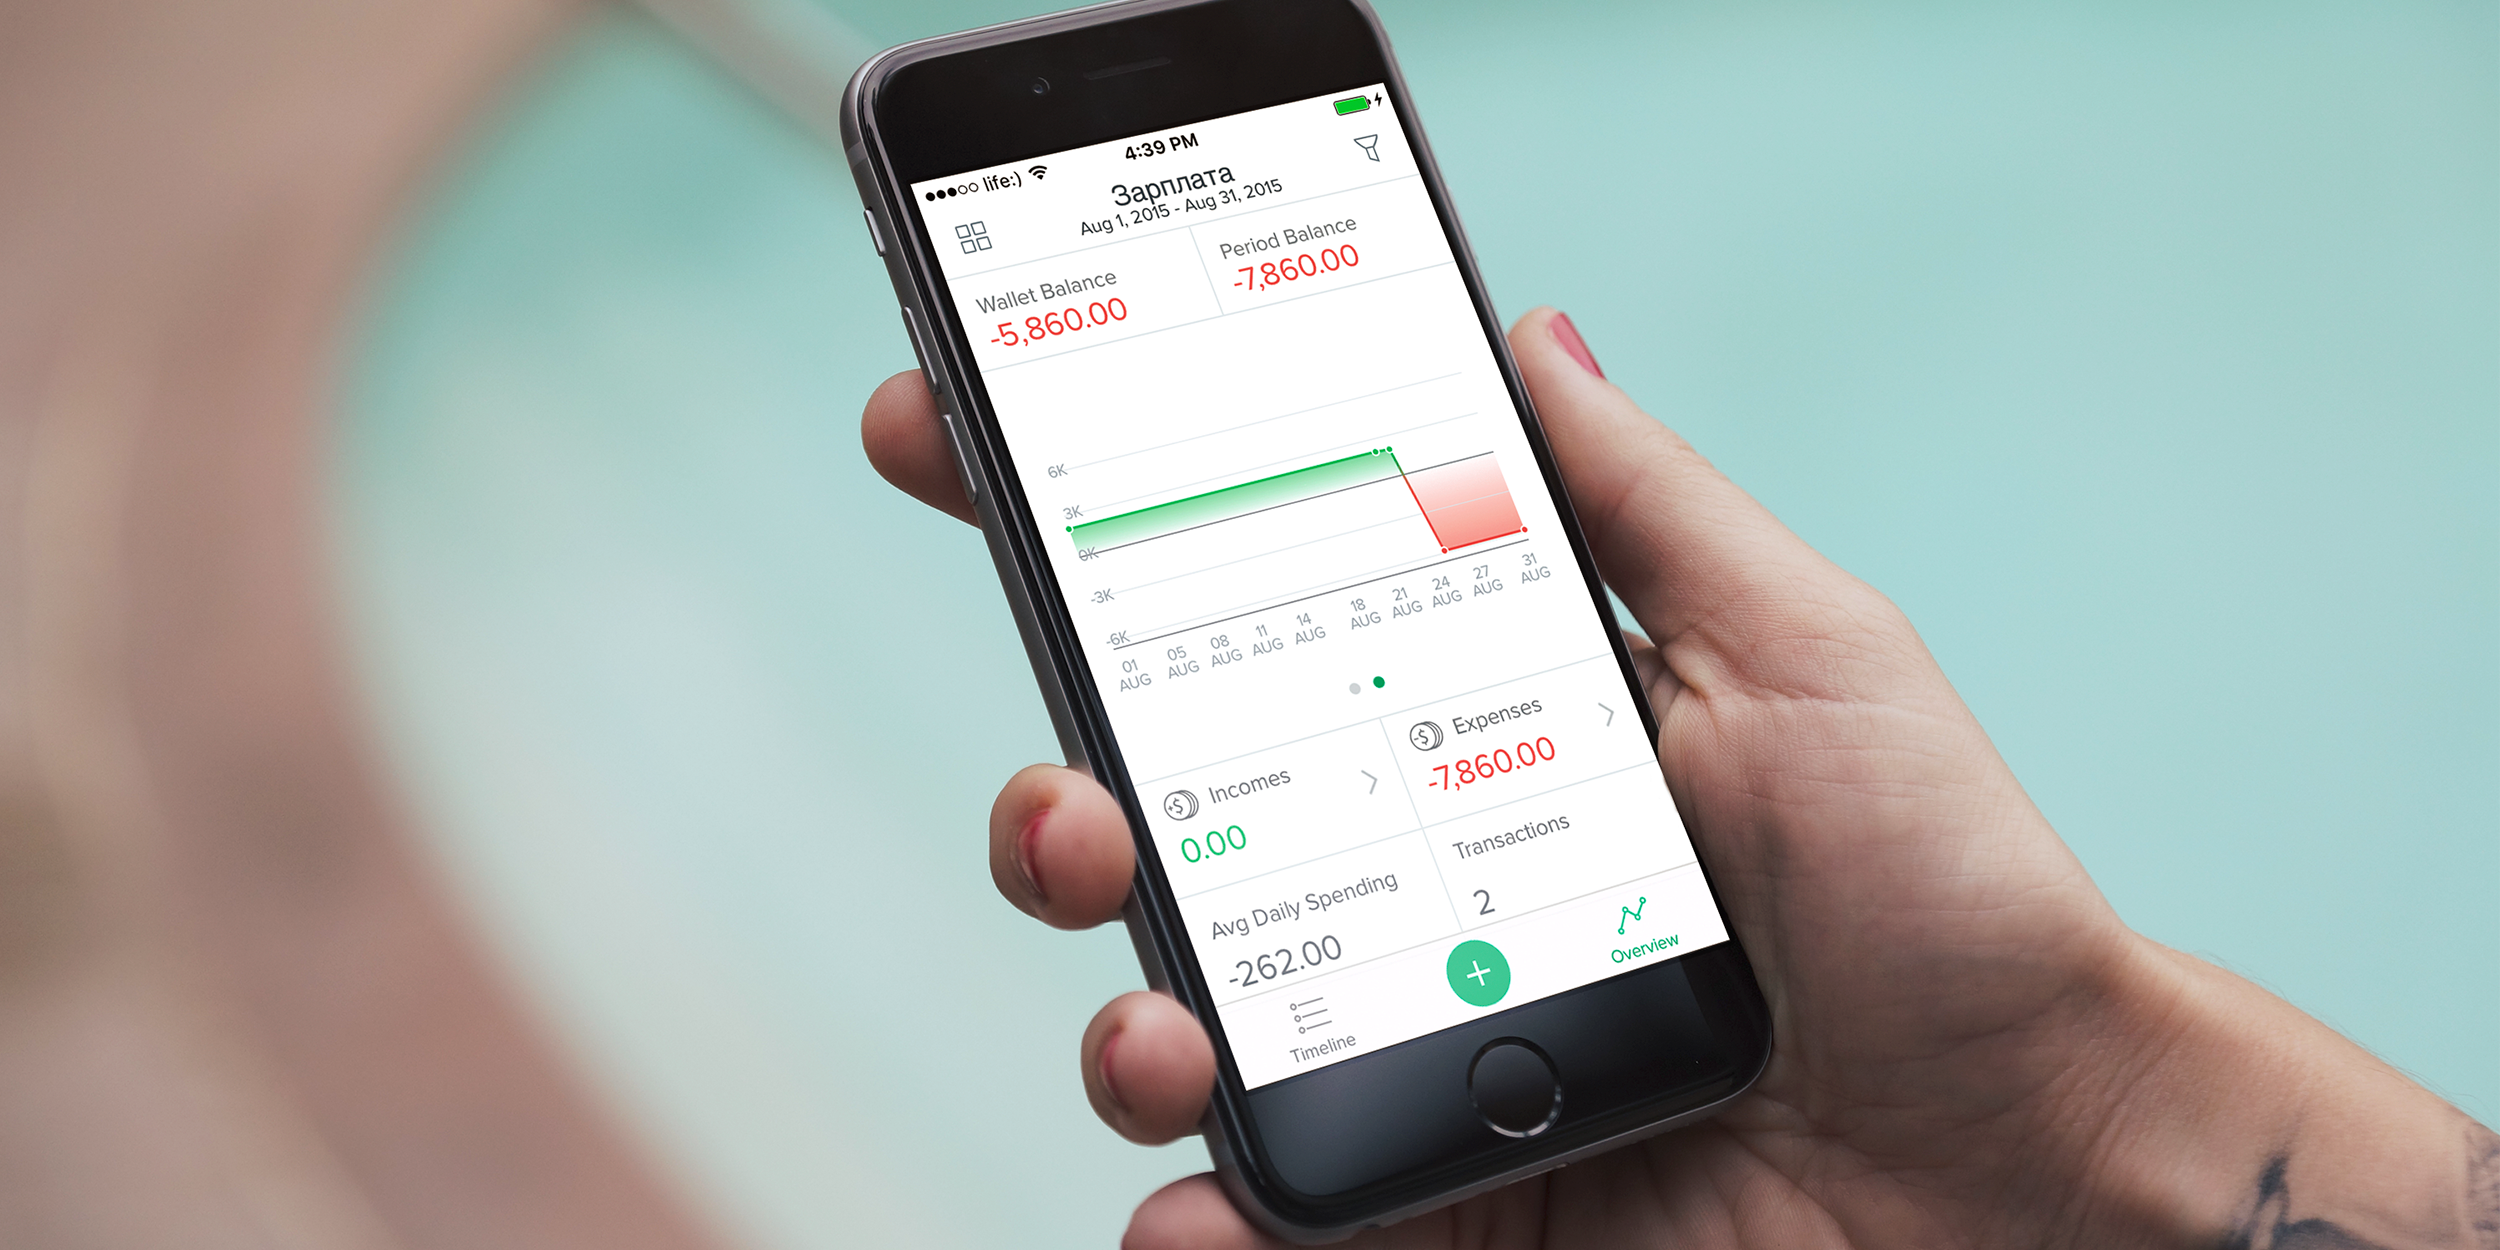 Spendee 2.0 — менеджер финансов с красивым интерфейсом и функциональностью CoinKeeper